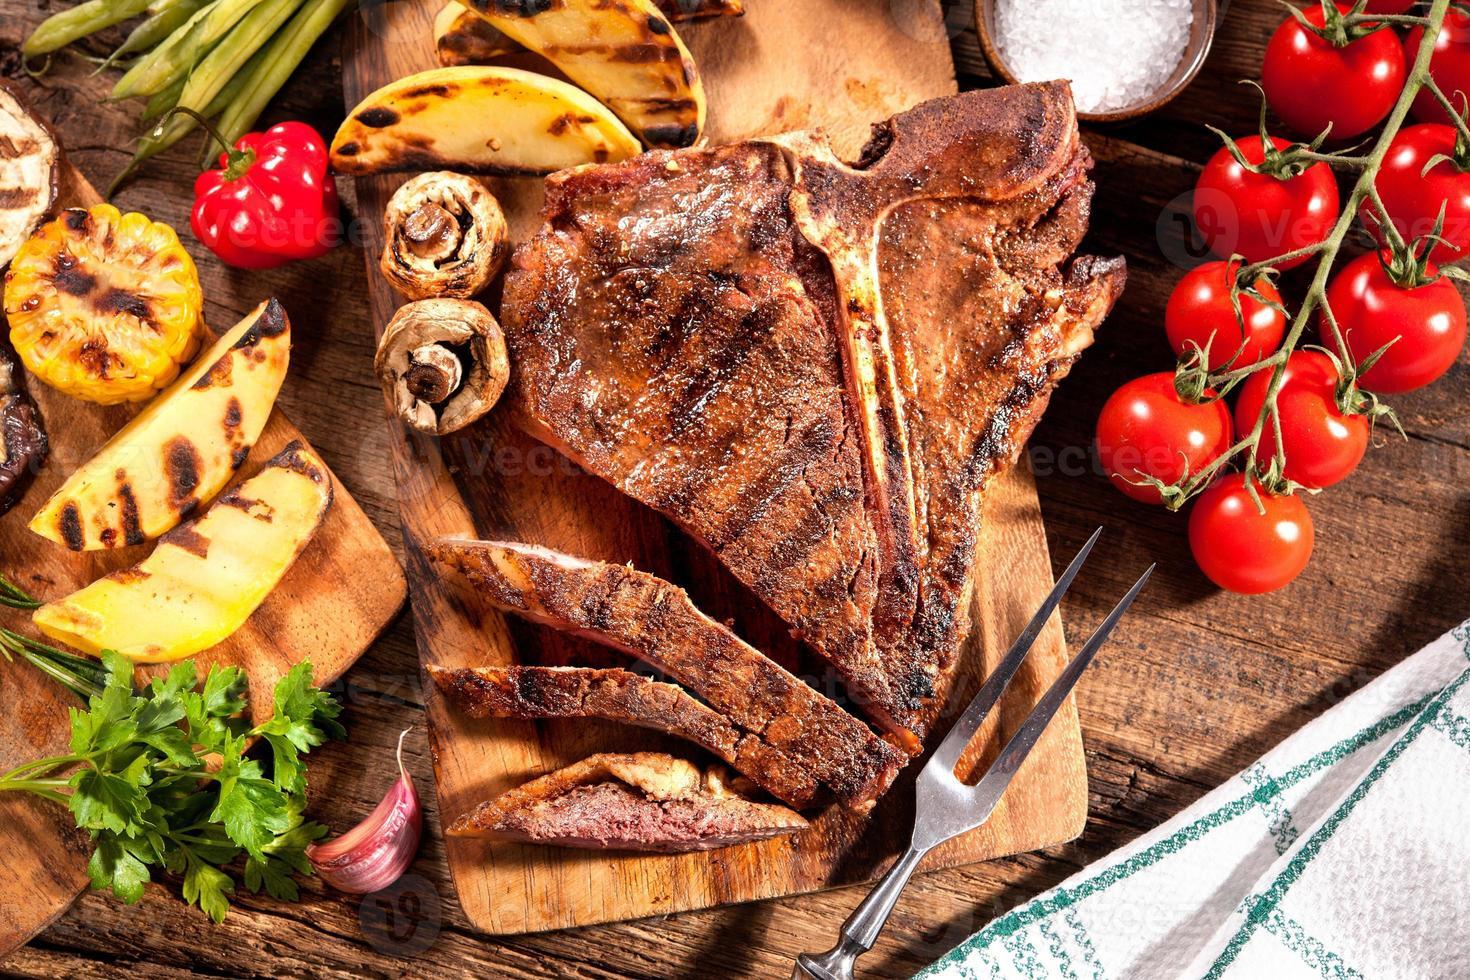 Rindersteaks mit gegrilltem Gemüse foto